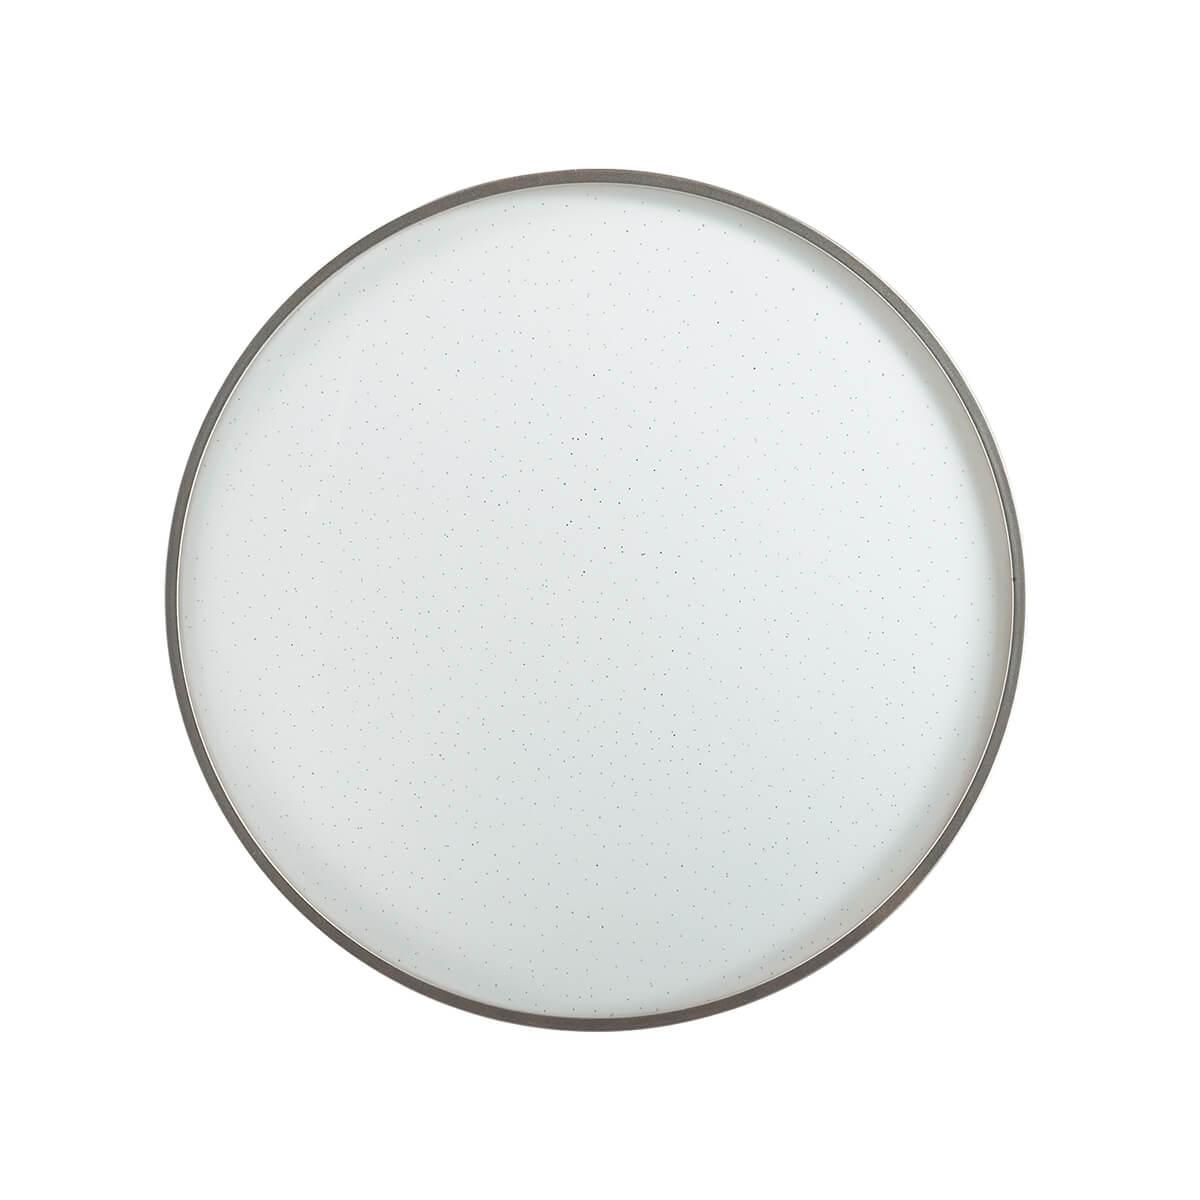 Настенно-потолочный светодиодный светильник Sonex Geta Silver 2076/EL sonex 013 sn14 101 brena silver page 9